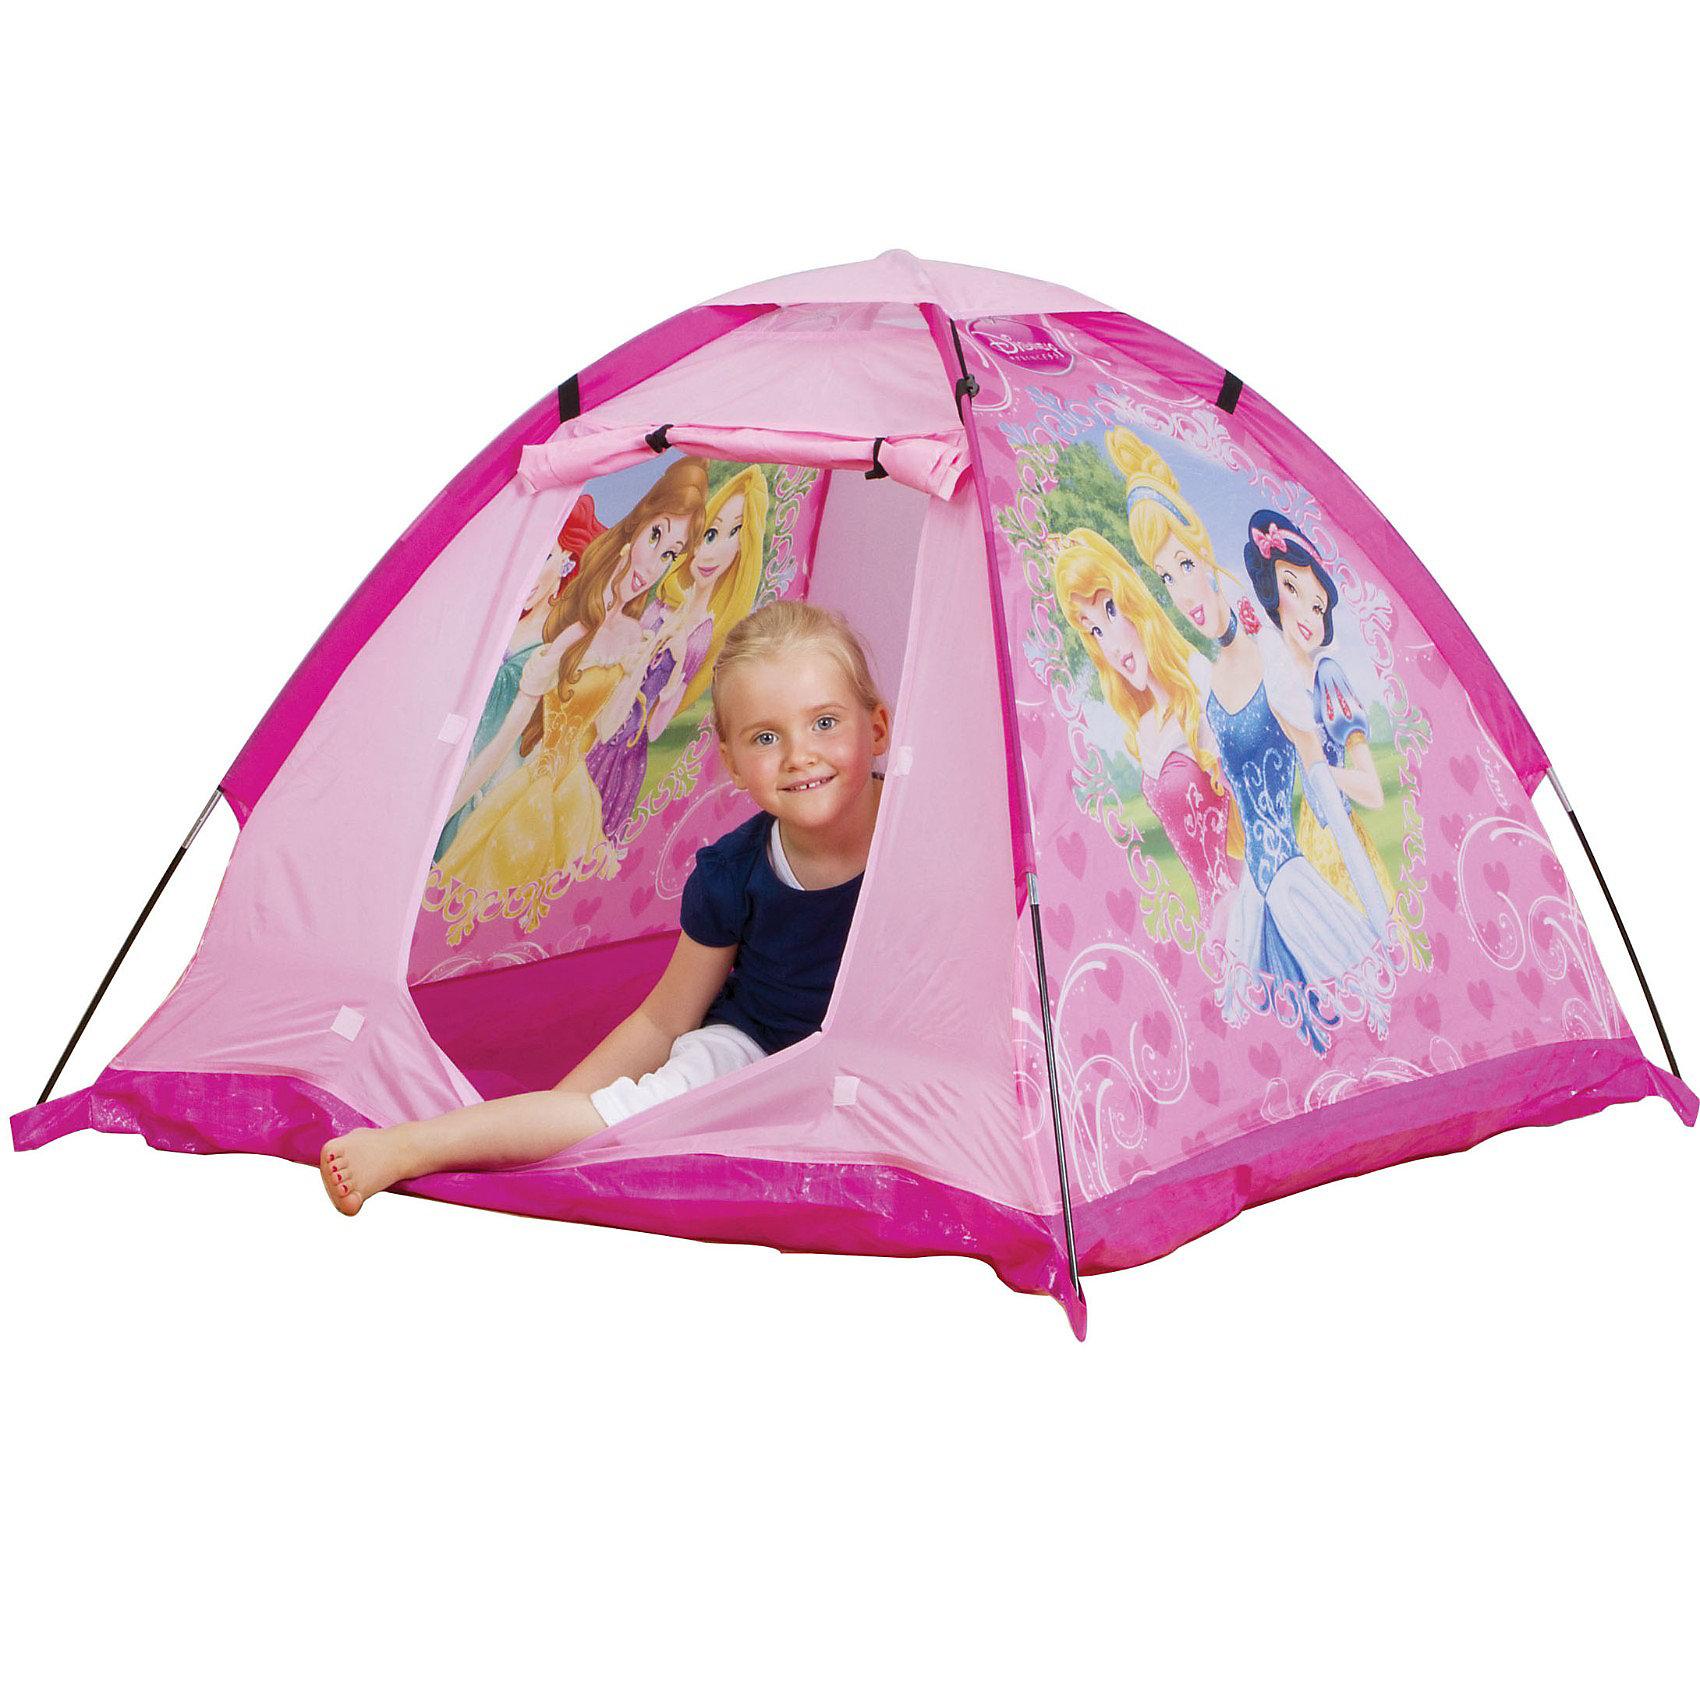 Палатка Принцессы, Disney PrincessПалатка Принцессы Диснея, Disney Princess – палатка с красивыми принцессами порадует вашу девочку и произведет впечатление на ее подруг.<br>Палатка Принцессы Диснея подходит для игры в помещении или на улице в летнее время года. Она обладает упругим каркасом, который легко собирается из трубочек, удобно переносится с места на место. Палатка изготовлена из прочного материала, имеет водоотталкивающую наружную ткань и пол из прочного синтетического материала. Изделие украшено изображениями принцесс из Диснеевских мультфильмов. Благодаря креплениям-ленточкам, вход в палатку можно оставлять открытым. Для обеспечения вентиляции, сверху палатки расположен сетчатый участок, который при необходимости легко закрывается. Палатка быстро складывается до компактного размера.<br><br>Дополнительная информация:<br><br>- Материал: пластик, полиэстер, полиэтилен<br>- Цвет: розовый<br>- Размер палатки: 120 х 120 х 87 см.<br>- Размер упаковки: 43 x 16 x 6 см.<br><br>Палатку Принцессы Диснея, Disney Princess можно купить в нашем интернет-магазине.<br><br>Ширина мм: 357<br>Глубина мм: 269<br>Высота мм: 68<br>Вес г: 851<br>Возраст от месяцев: 36<br>Возраст до месяцев: 1164<br>Пол: Женский<br>Возраст: Детский<br>SKU: 1722360